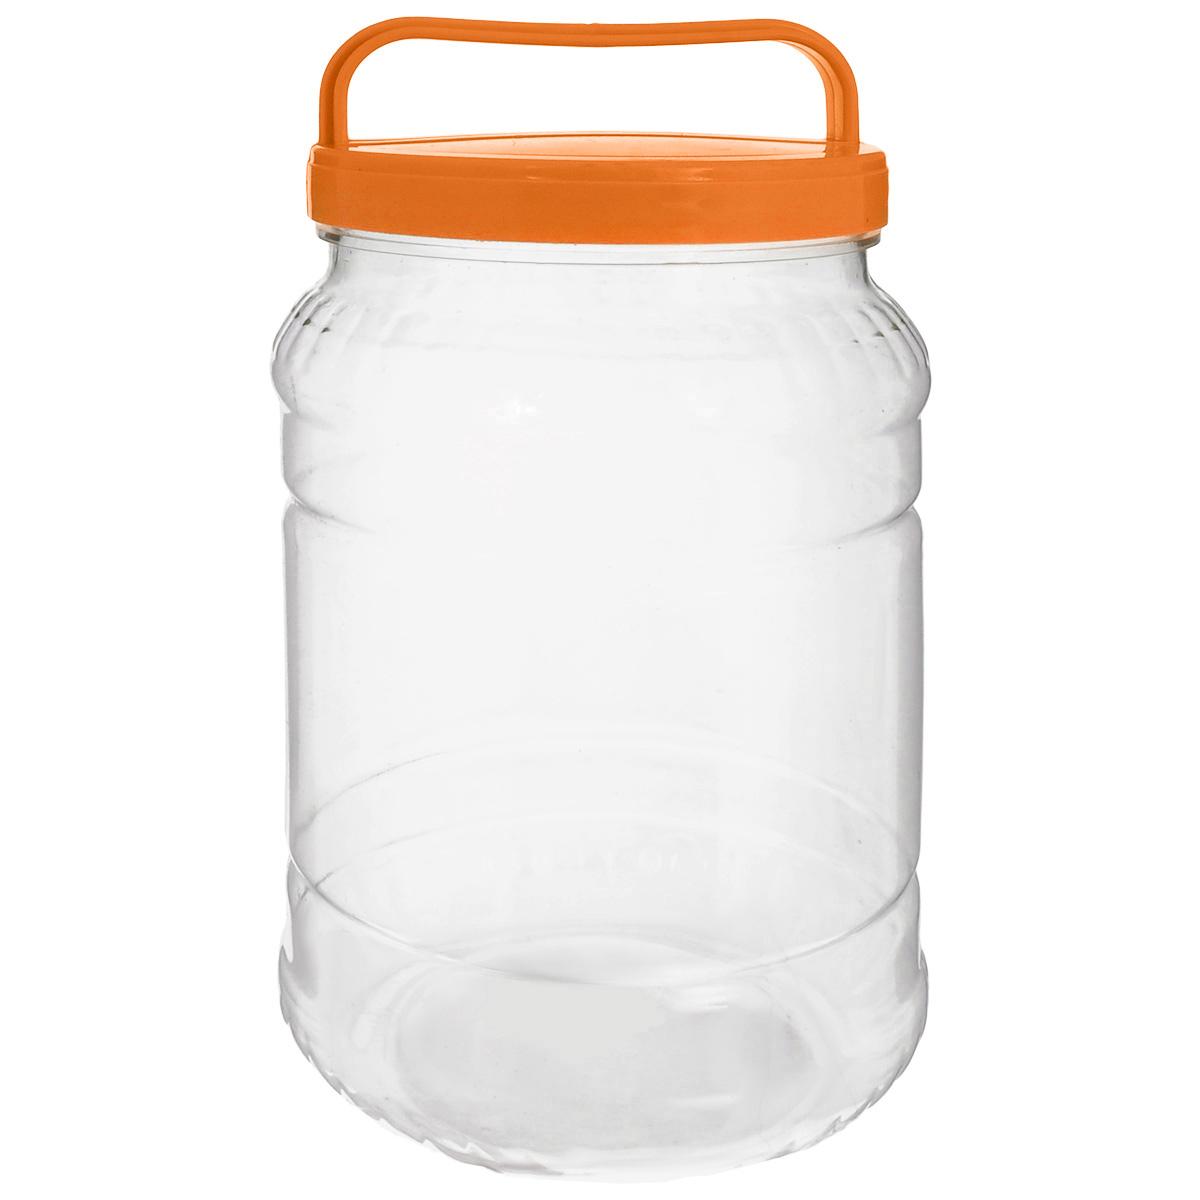 Бидон Альтернатива, цвет: прозрачный, оранжевый, 2 л0205ADБидон Альтернатива предназначен для хранения и переноски пищевых продуктов, таких как молоко, вода и прочее. Выполнен из пищевого высококачественного пластика. Оснащен ручкой для удобной переноски.Бидон Альтернатива станет незаменимым аксессуаром на вашей кухне.Высота бидона (без учета крышки): 20,5 см.Диаметр: 10,5 см.